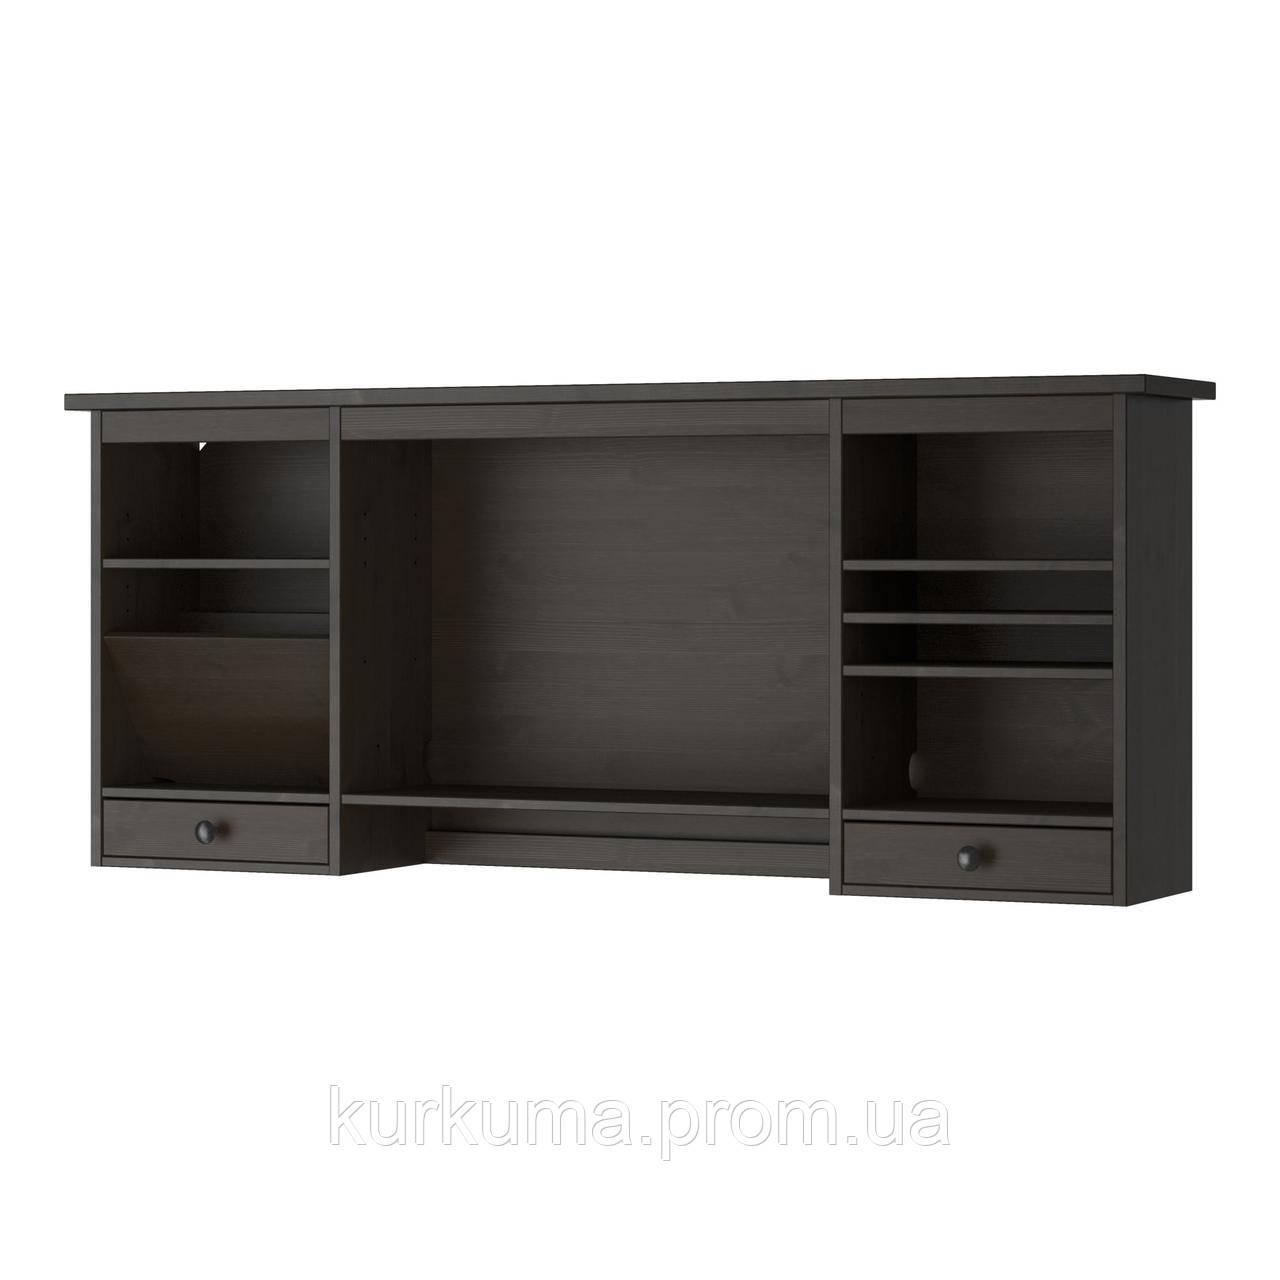 IKEA HEMNES Дополнительная надставка для стола, черно-коричневый  (402.457.03)